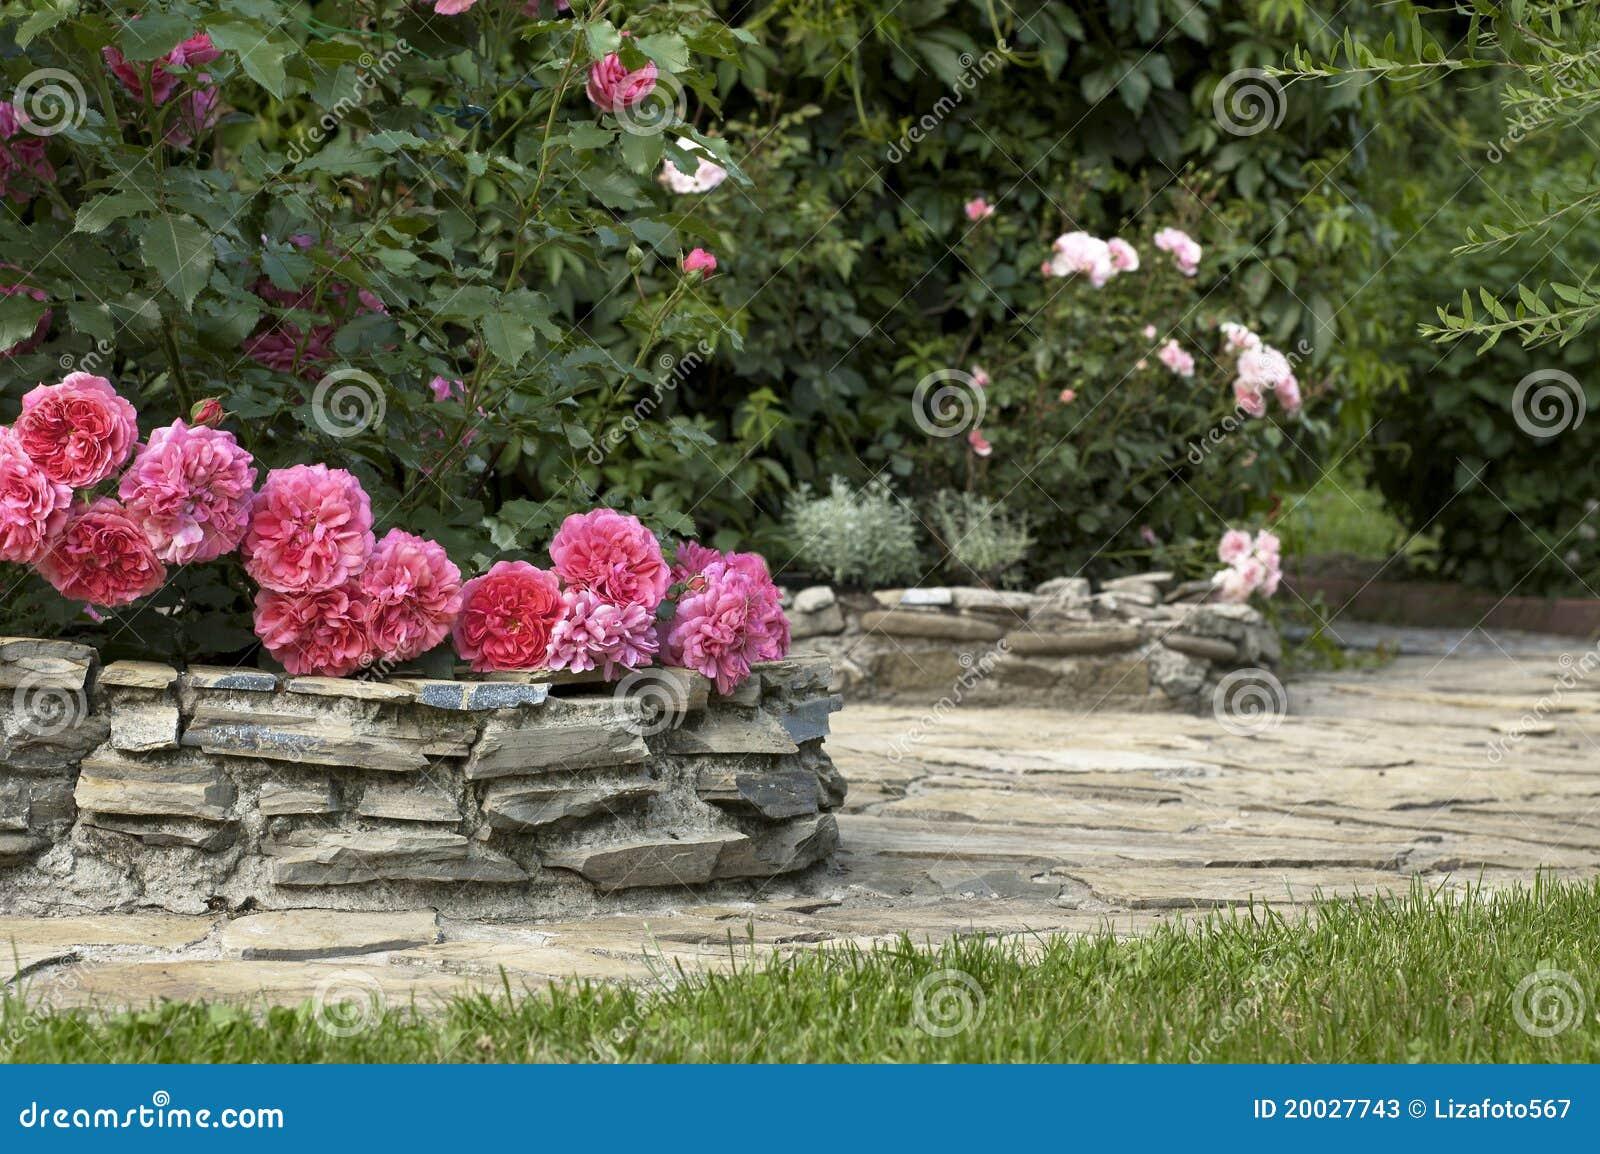 imagens jardim de rosas:Jardim De Rosas Fotos de Stock – Imagem: 20027743